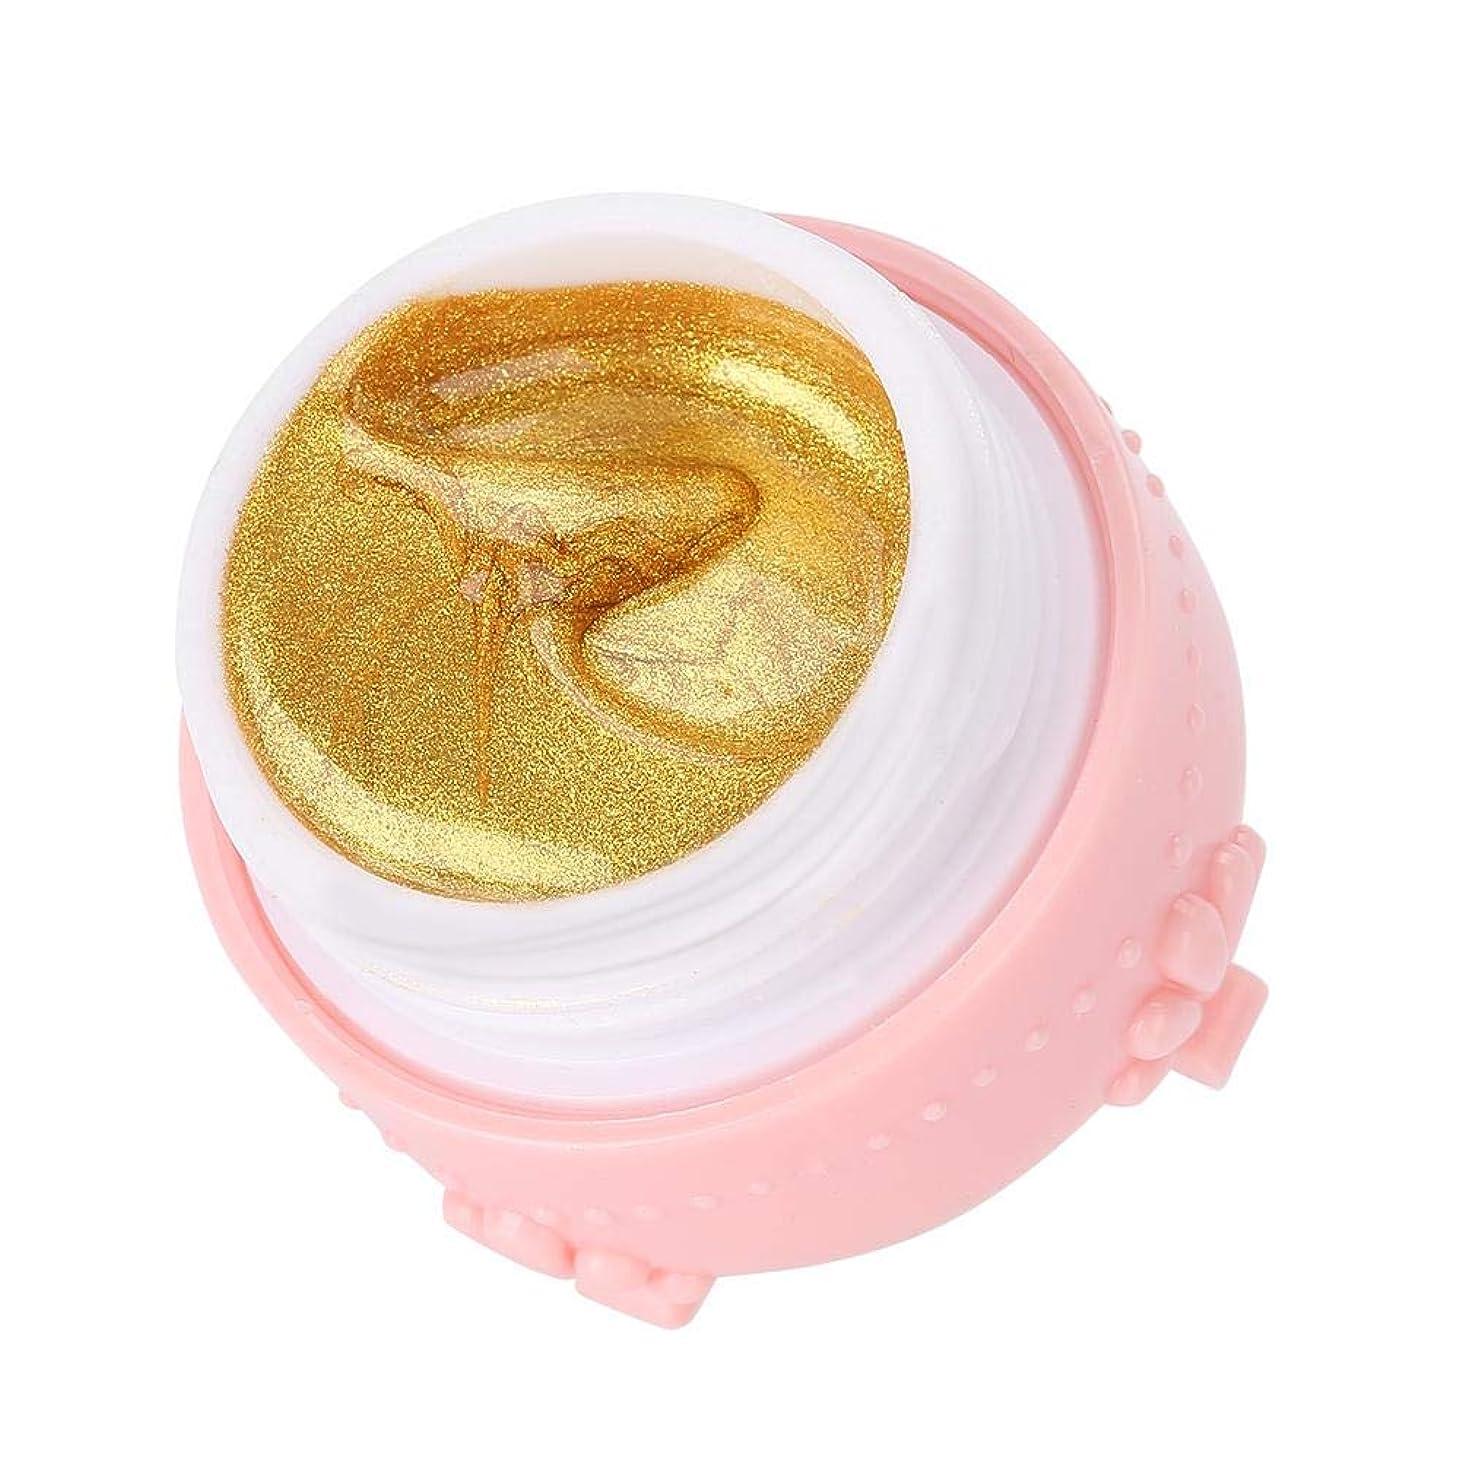 持ってる液化するなかなかジェルネイル キラキラ素敵な 3DネイルUVジェル 強力な接着 女性 良い贈り物(金色)